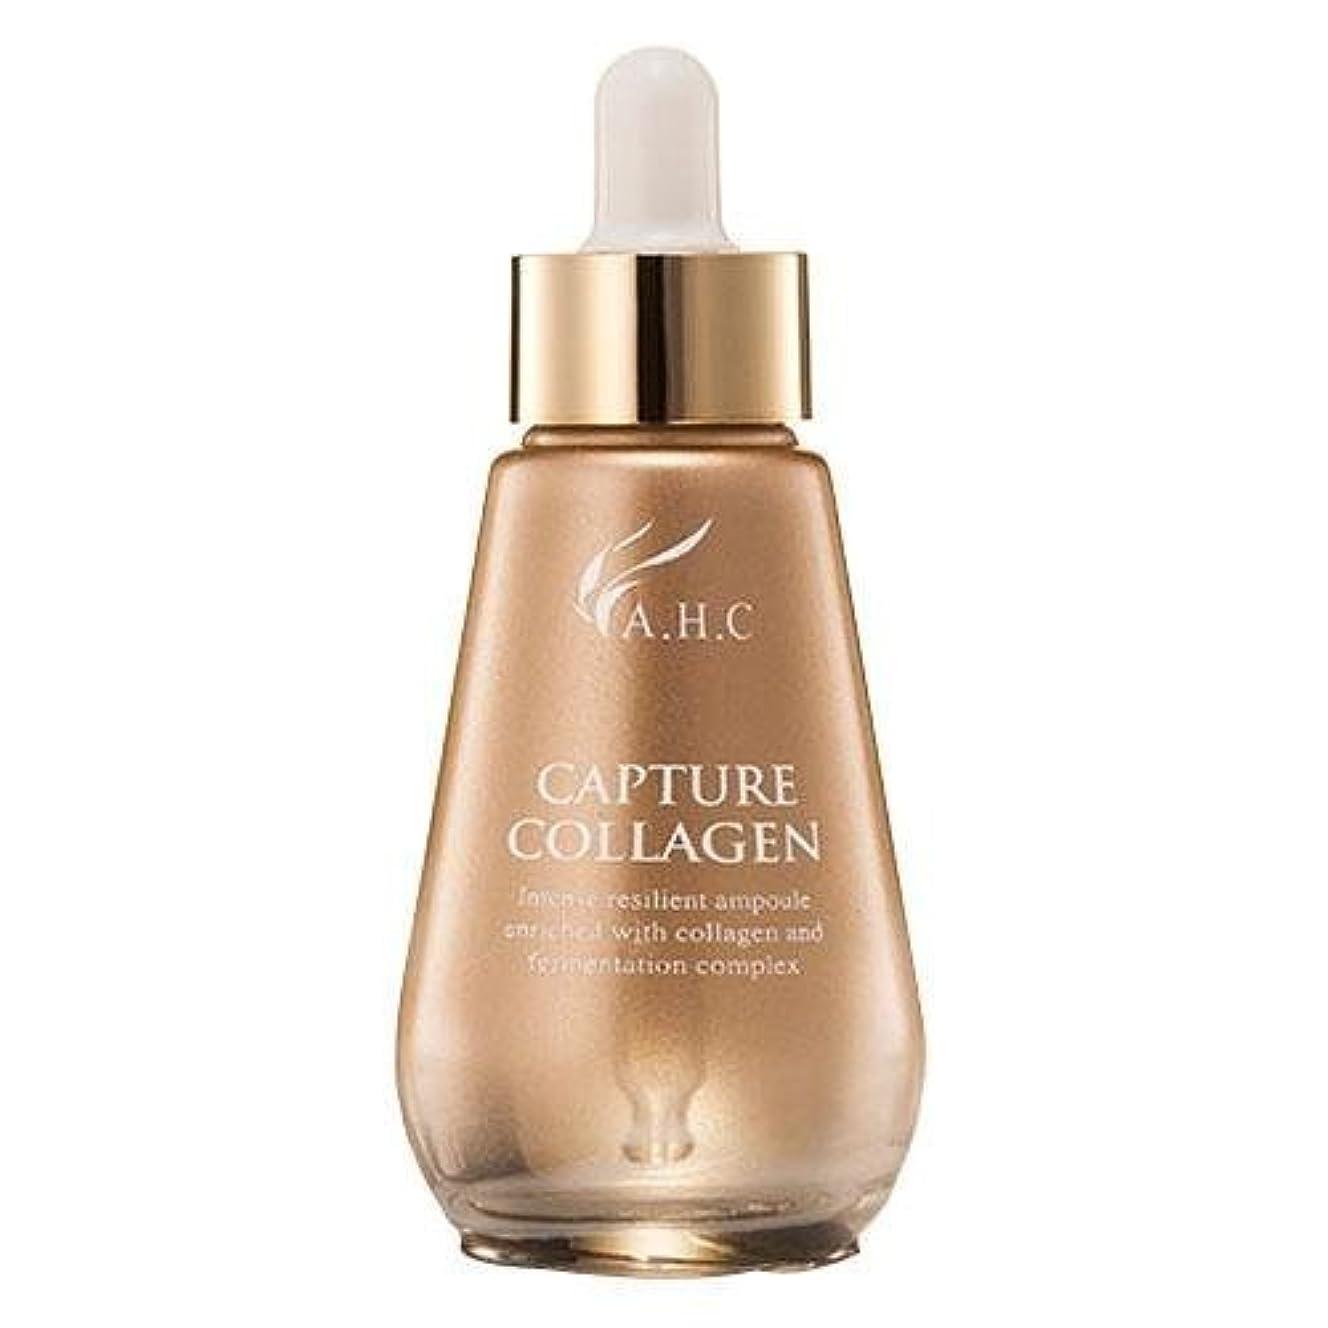 代表発掘する前提条件A.H.C Capture Collagen Ampoule/ Made in Korea